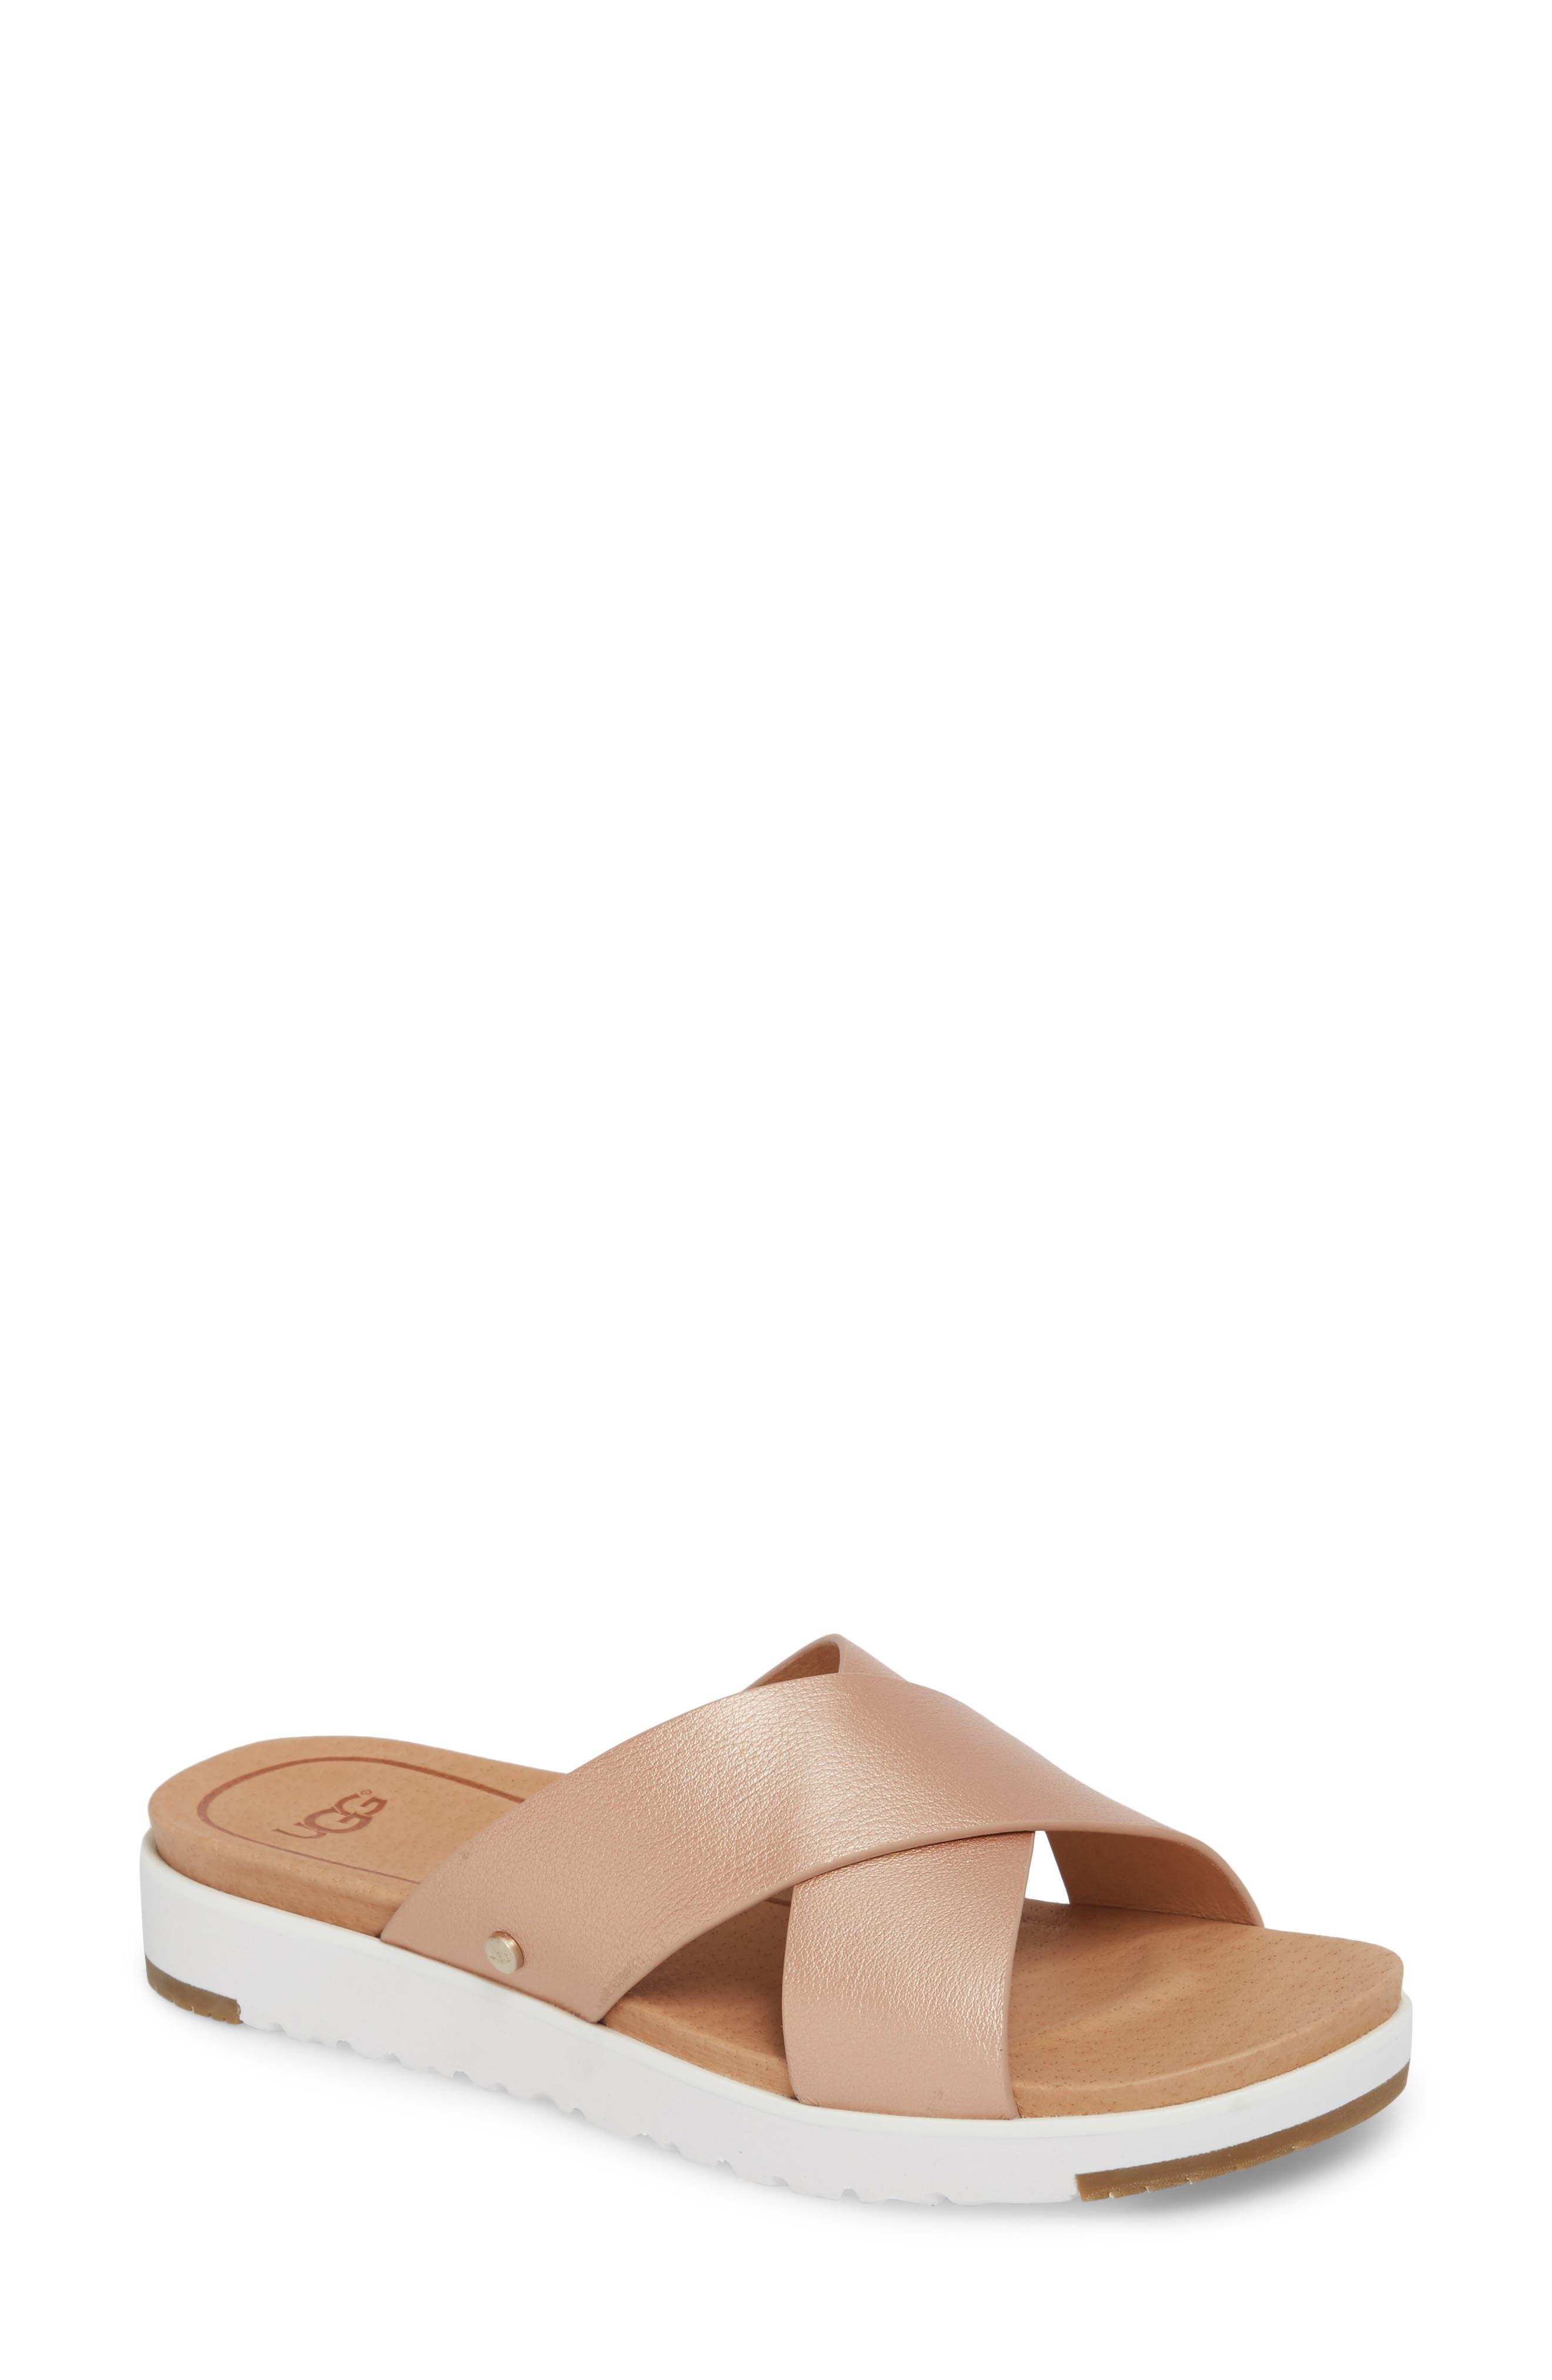 Alternate Image 1 Selected - UGG® Kari Slide Sandal (Women)